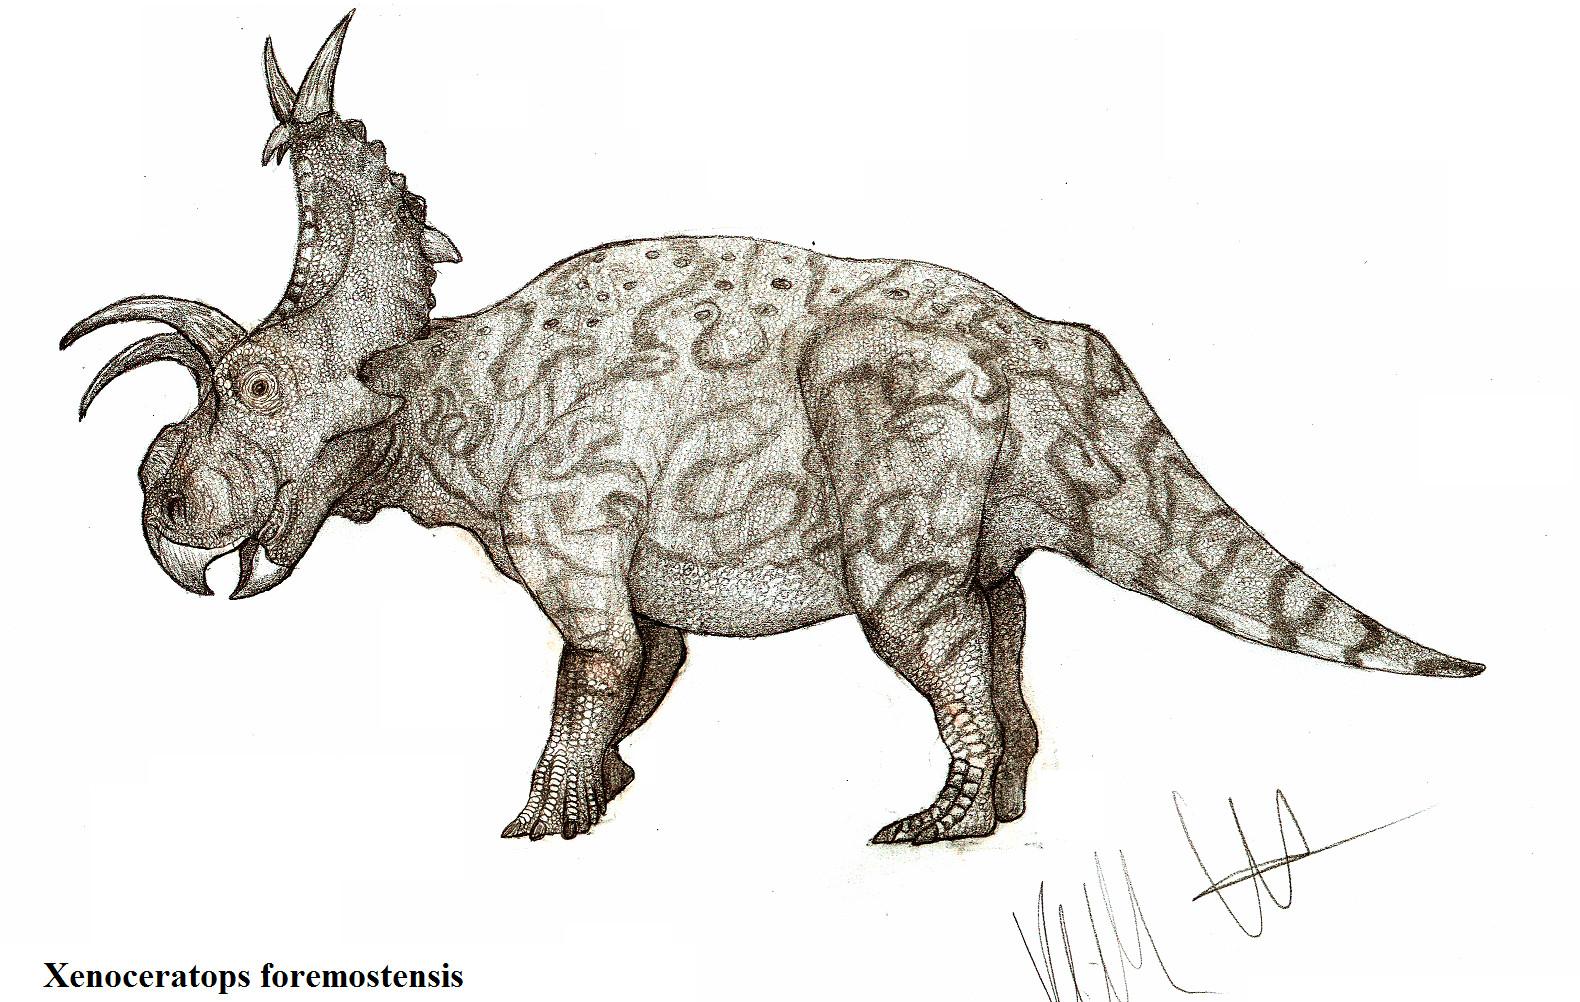 Xenoceratops formostensis